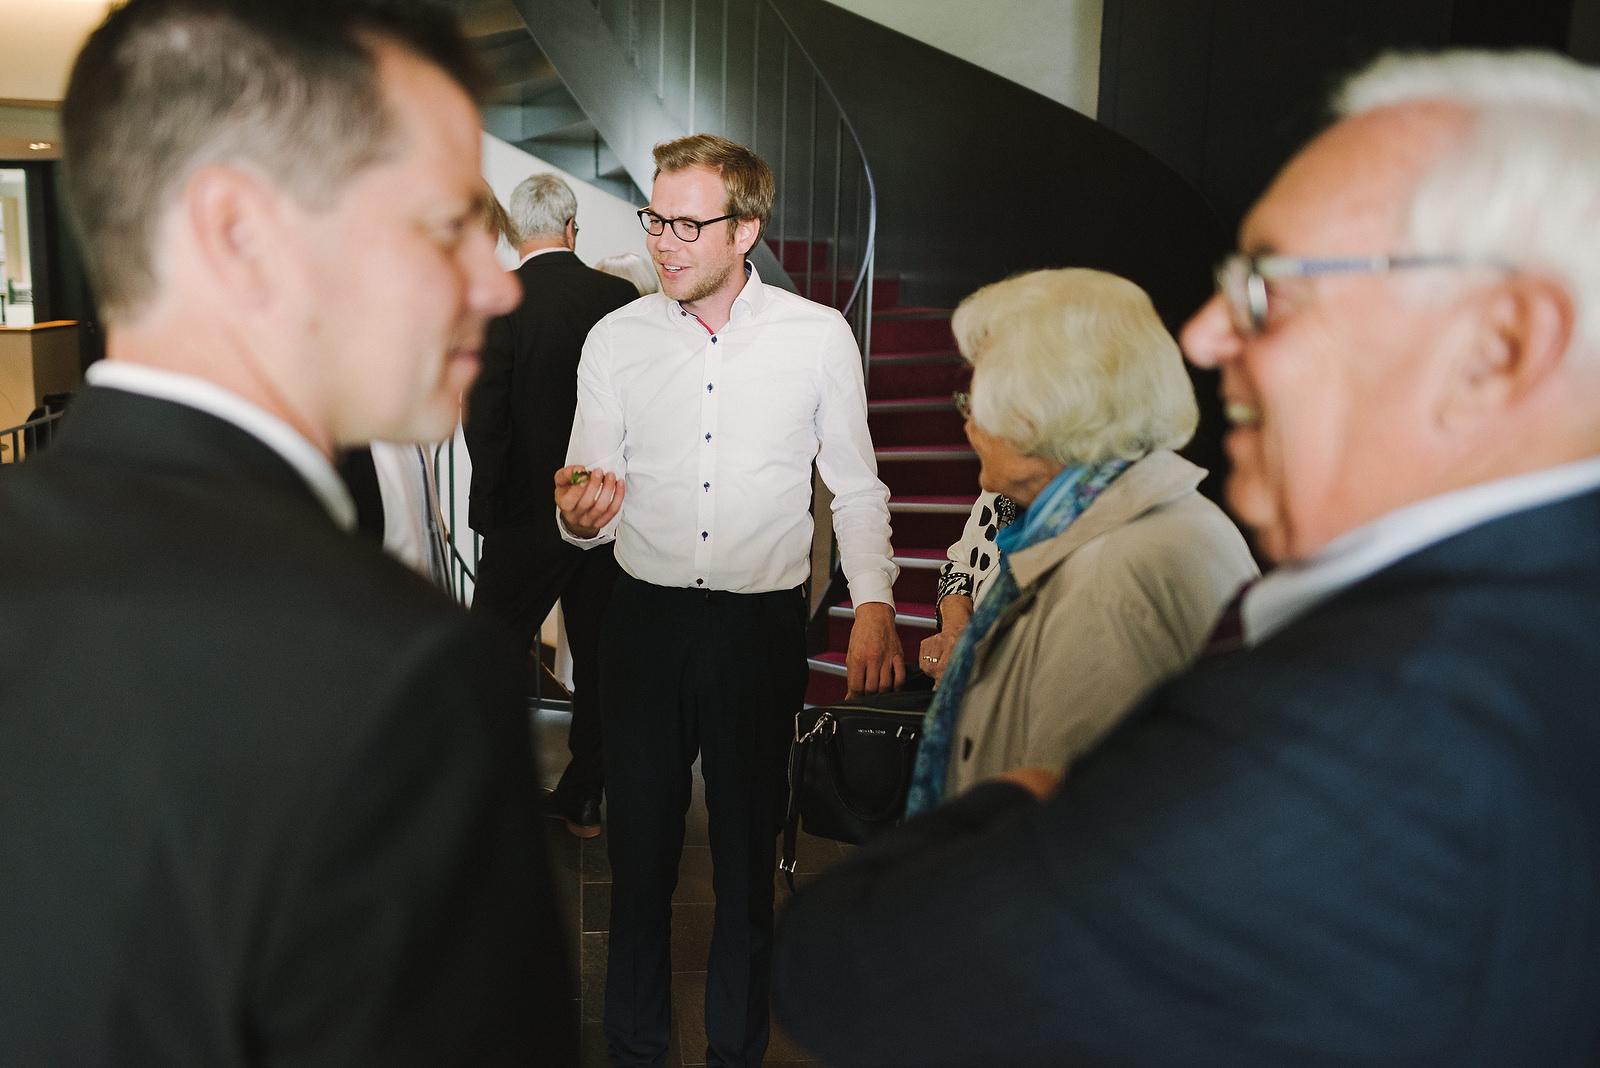 Fotograf Konstanz - Hochzeitsfotograf Reutlingen Achalm Hochzeit EFP 36 - Documentary wedding story on the Achalm, Reutlingen  - 31 -